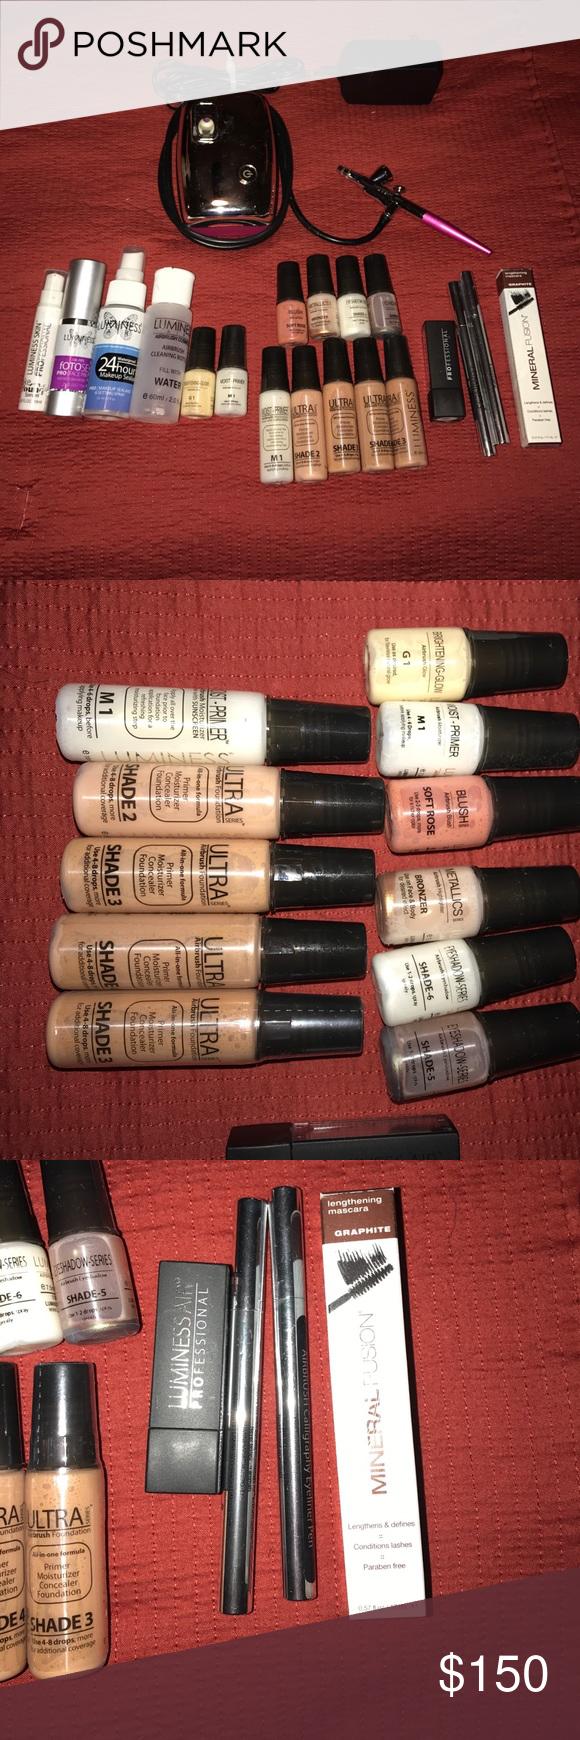 price drop* Luminess Air airbrush w/ makeup Makeup